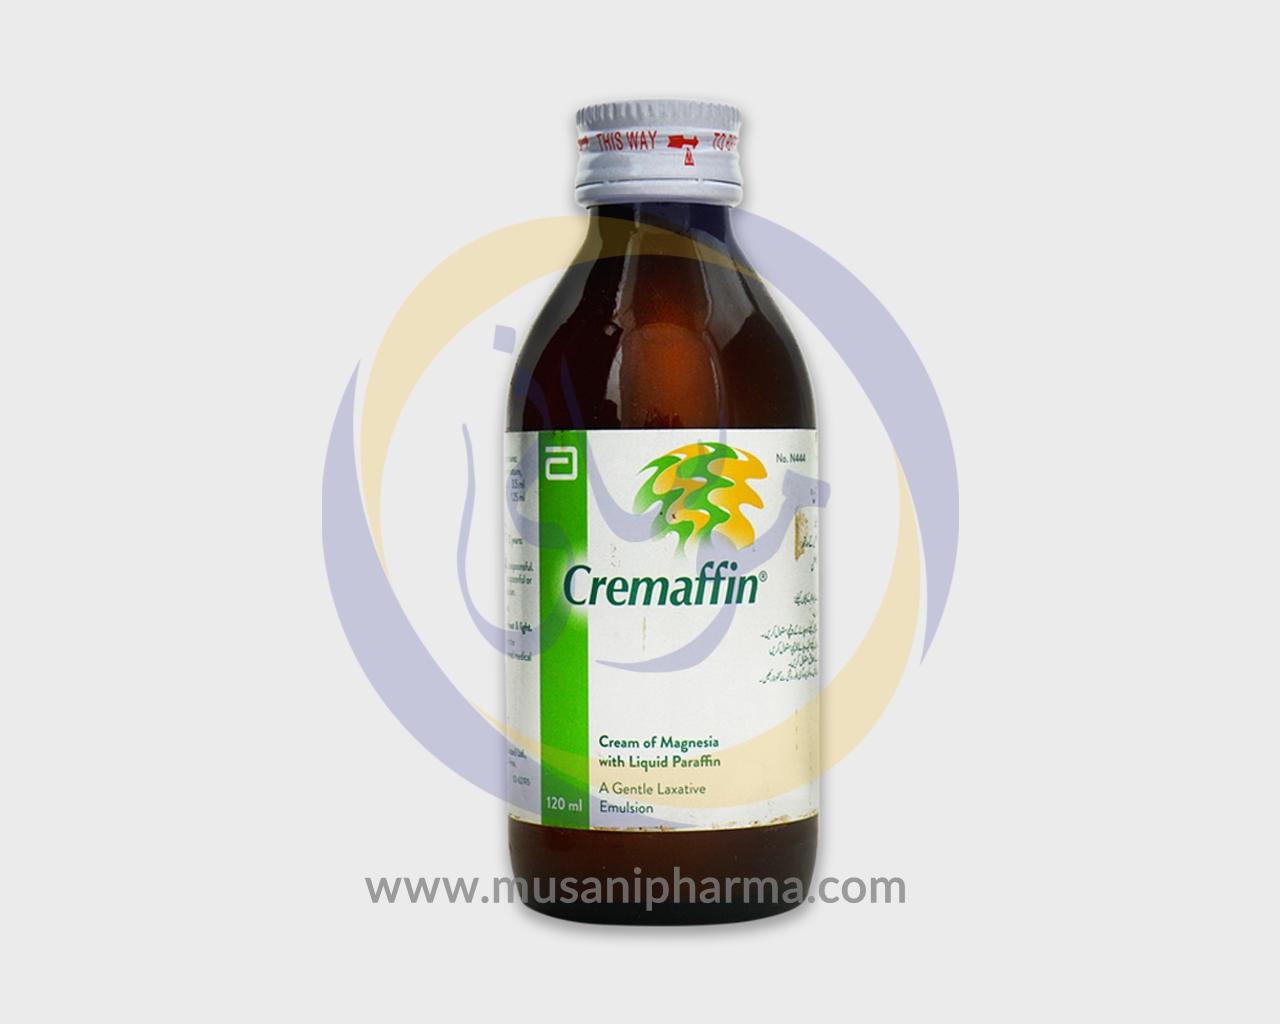 Soolantra ivermectin cream 1 price